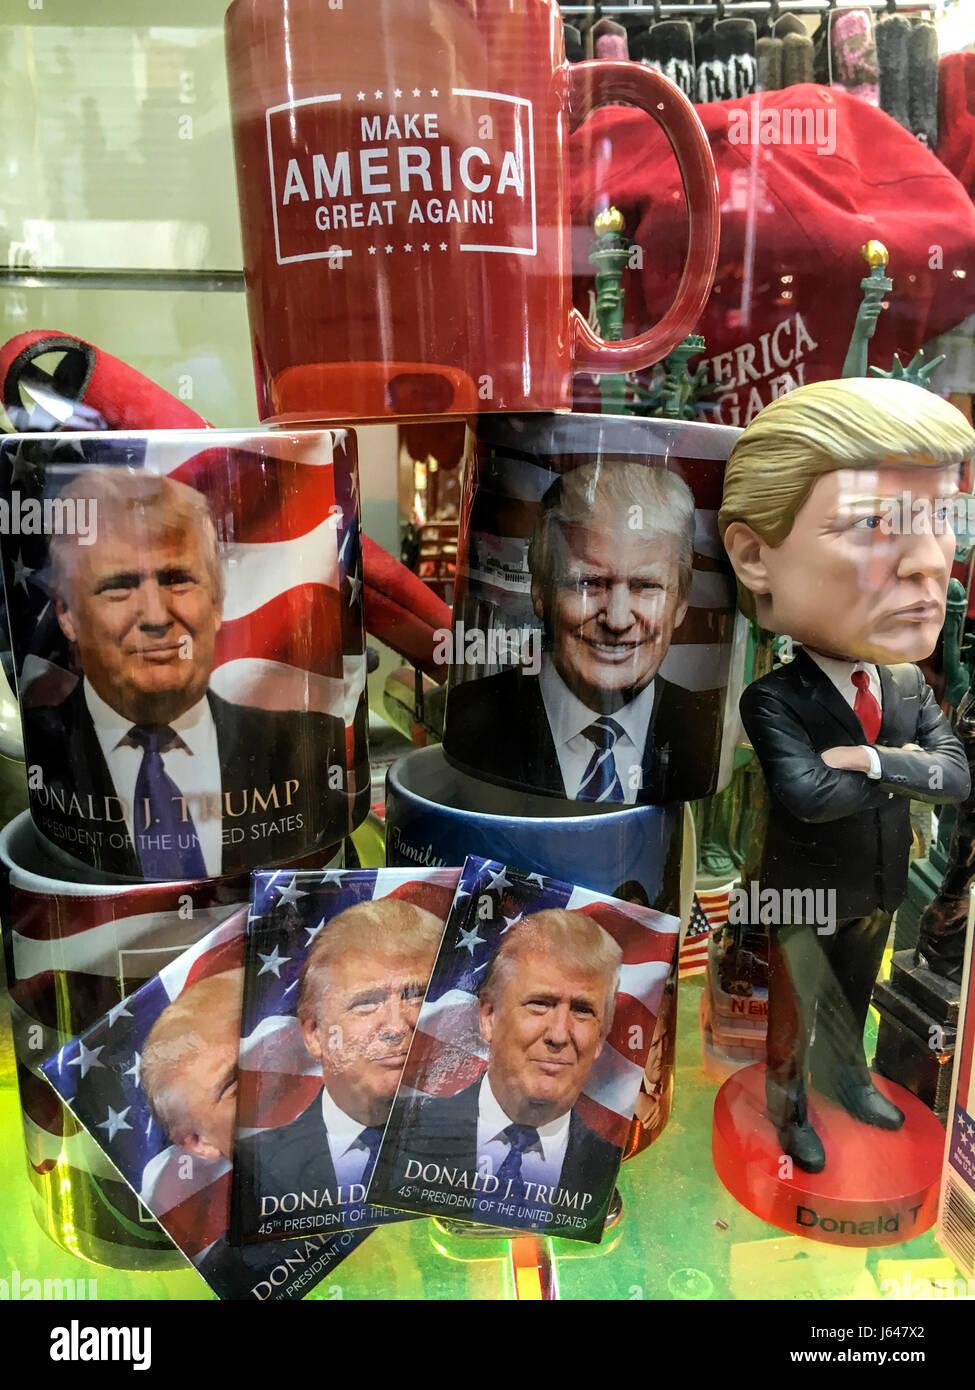 Objets Donald Trump vendus sur Time Square, NY *** Items with Donald Trump effigy sold on Time Square, NY. - Stock Image